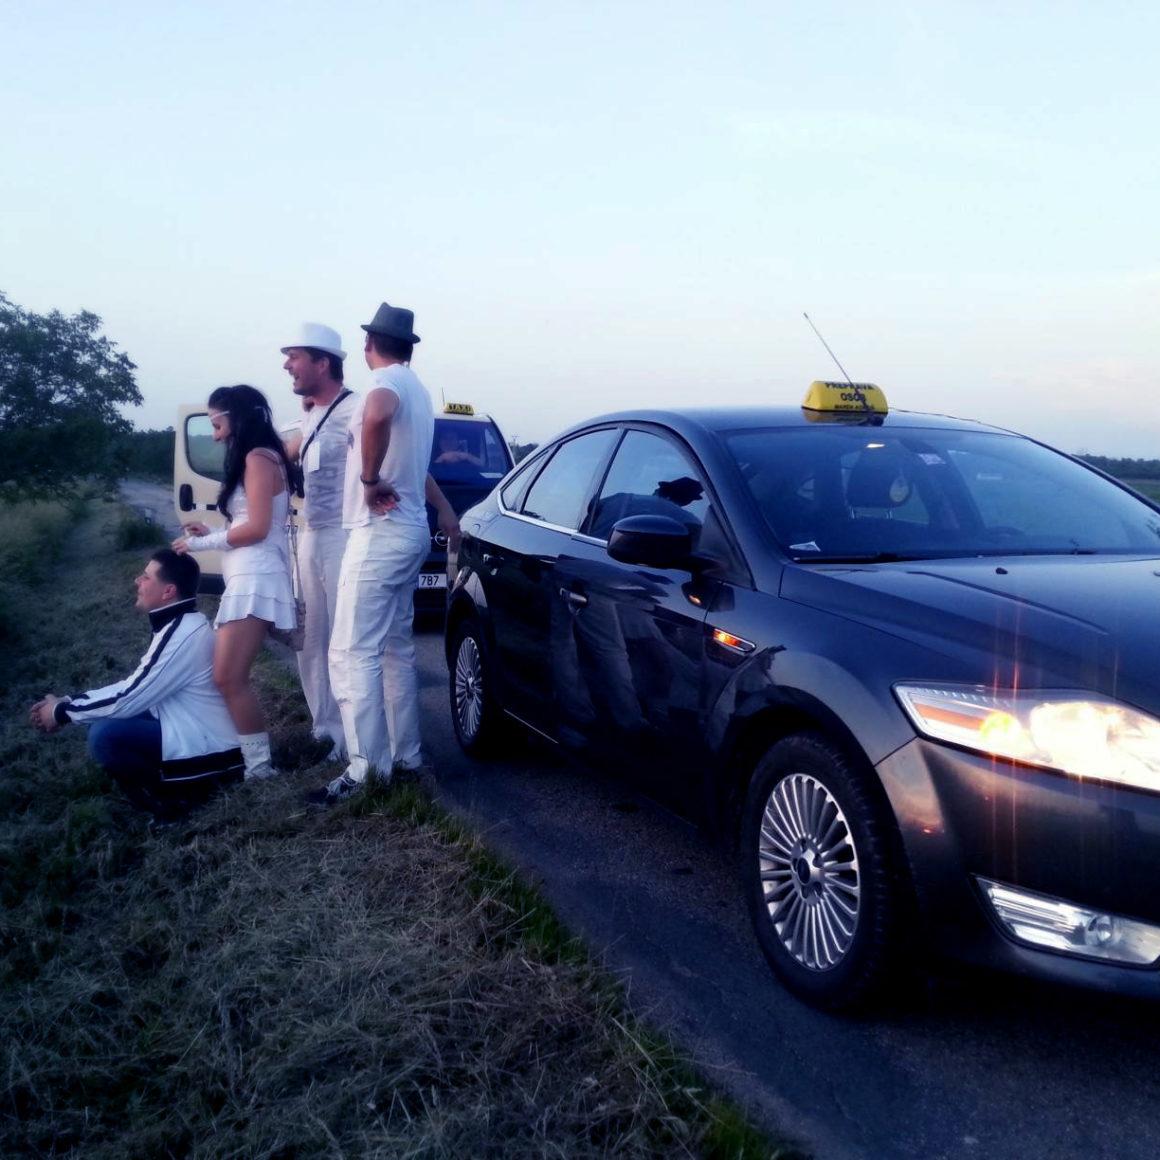 Taxi Hustopeče